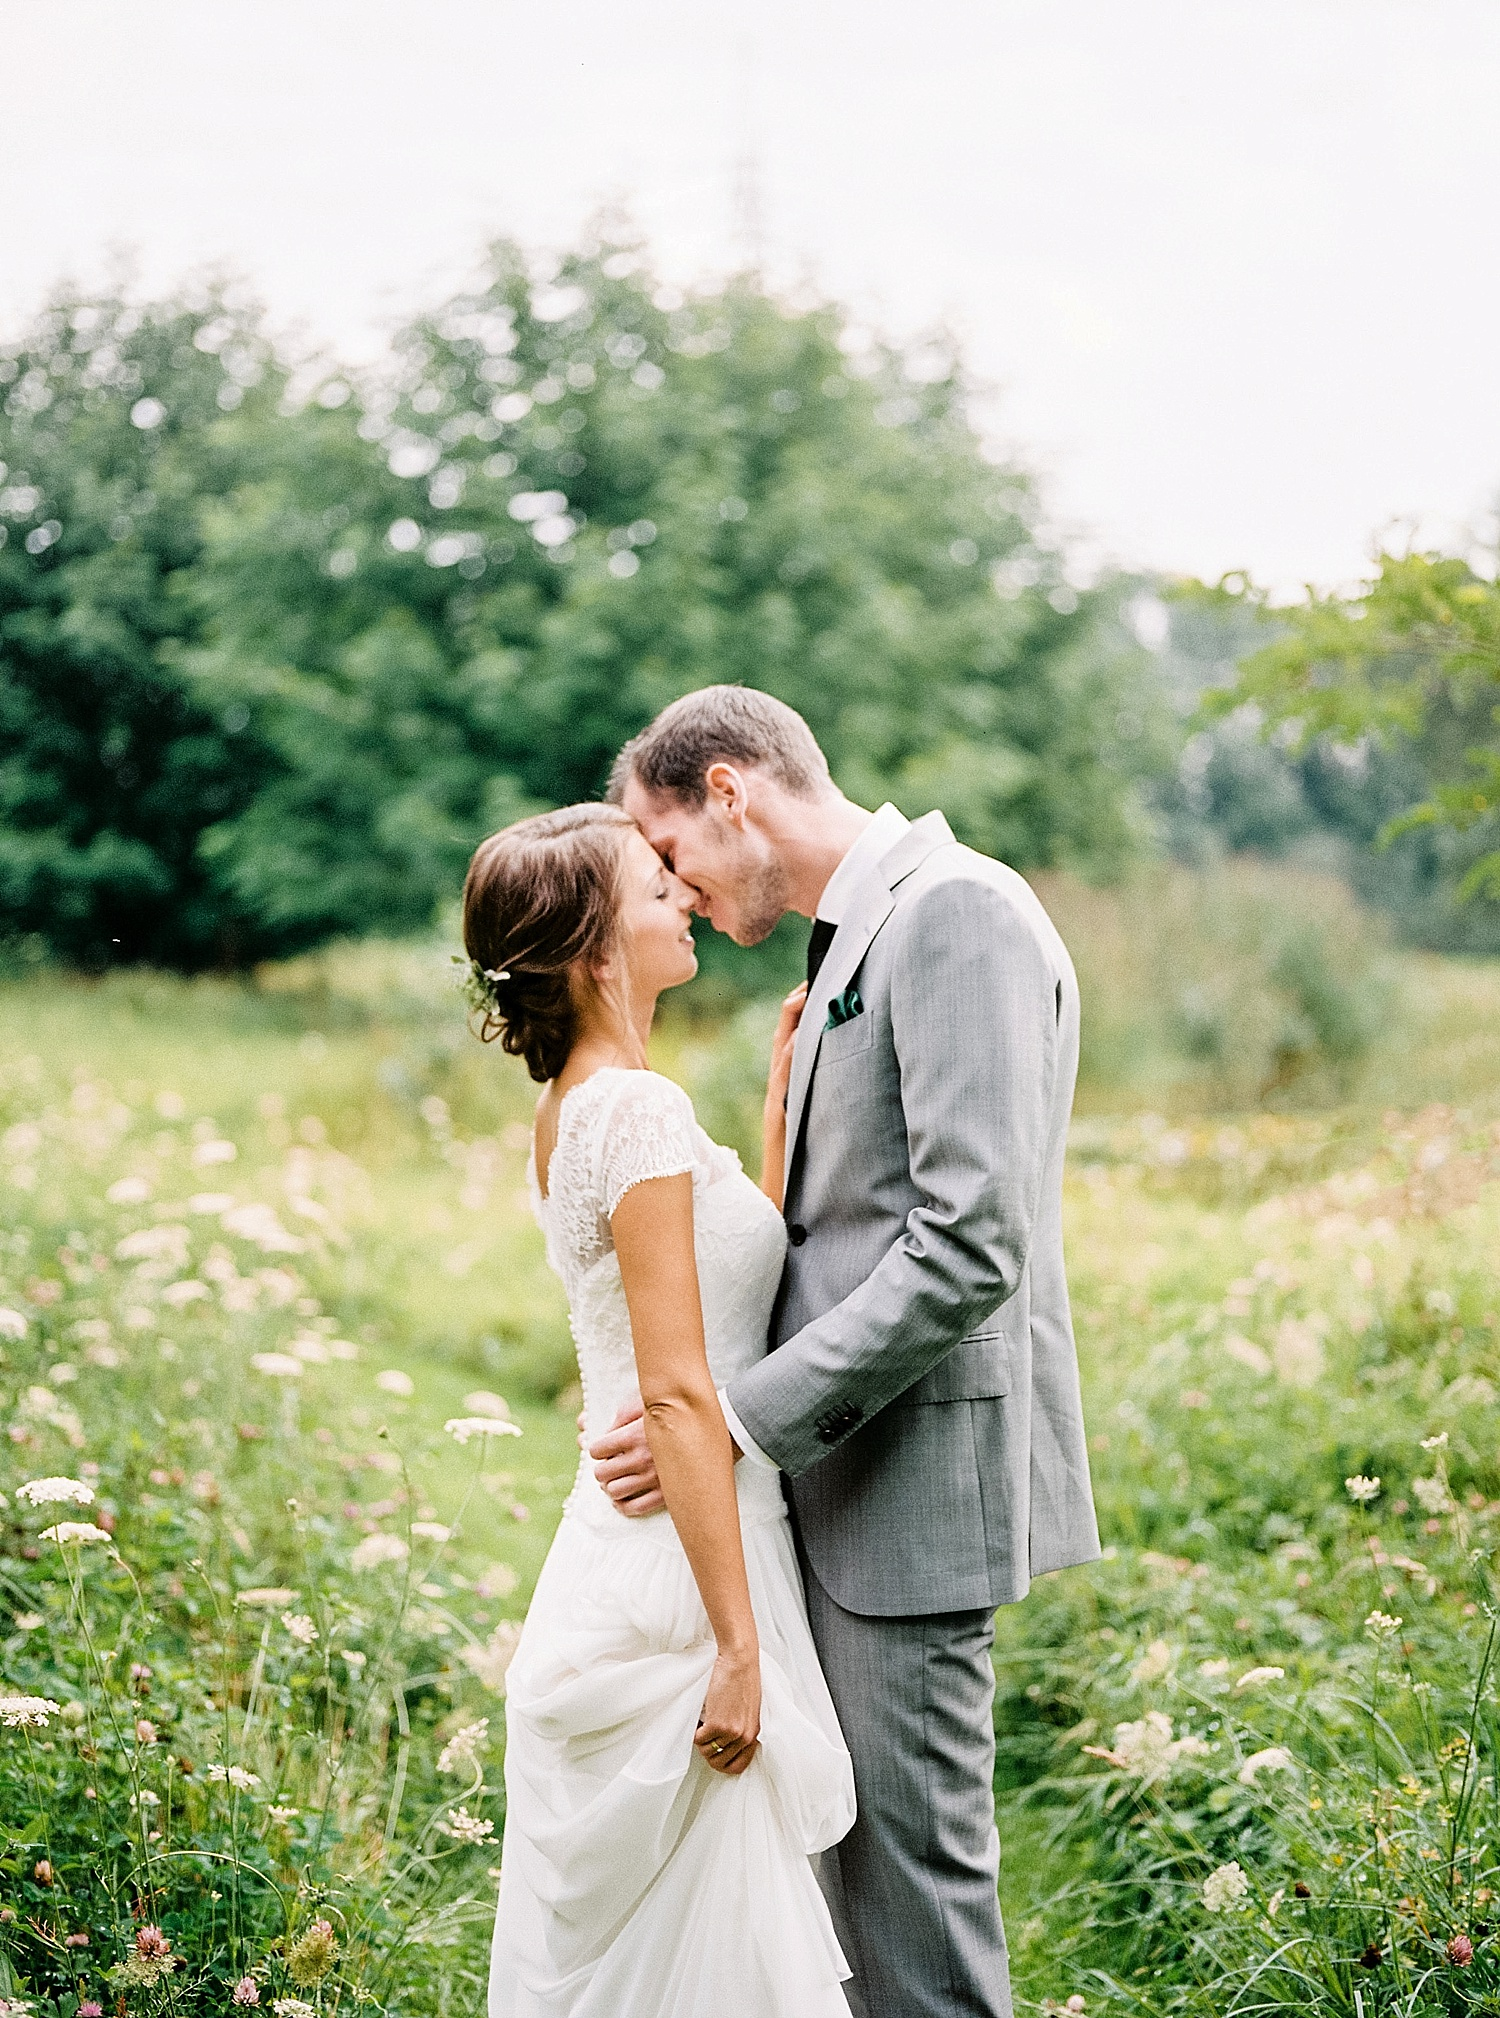 Romantisch Intieme Bruiloft Patrick Miranda | Trouwinspiratie | Hanke Arkenbout Photography 001